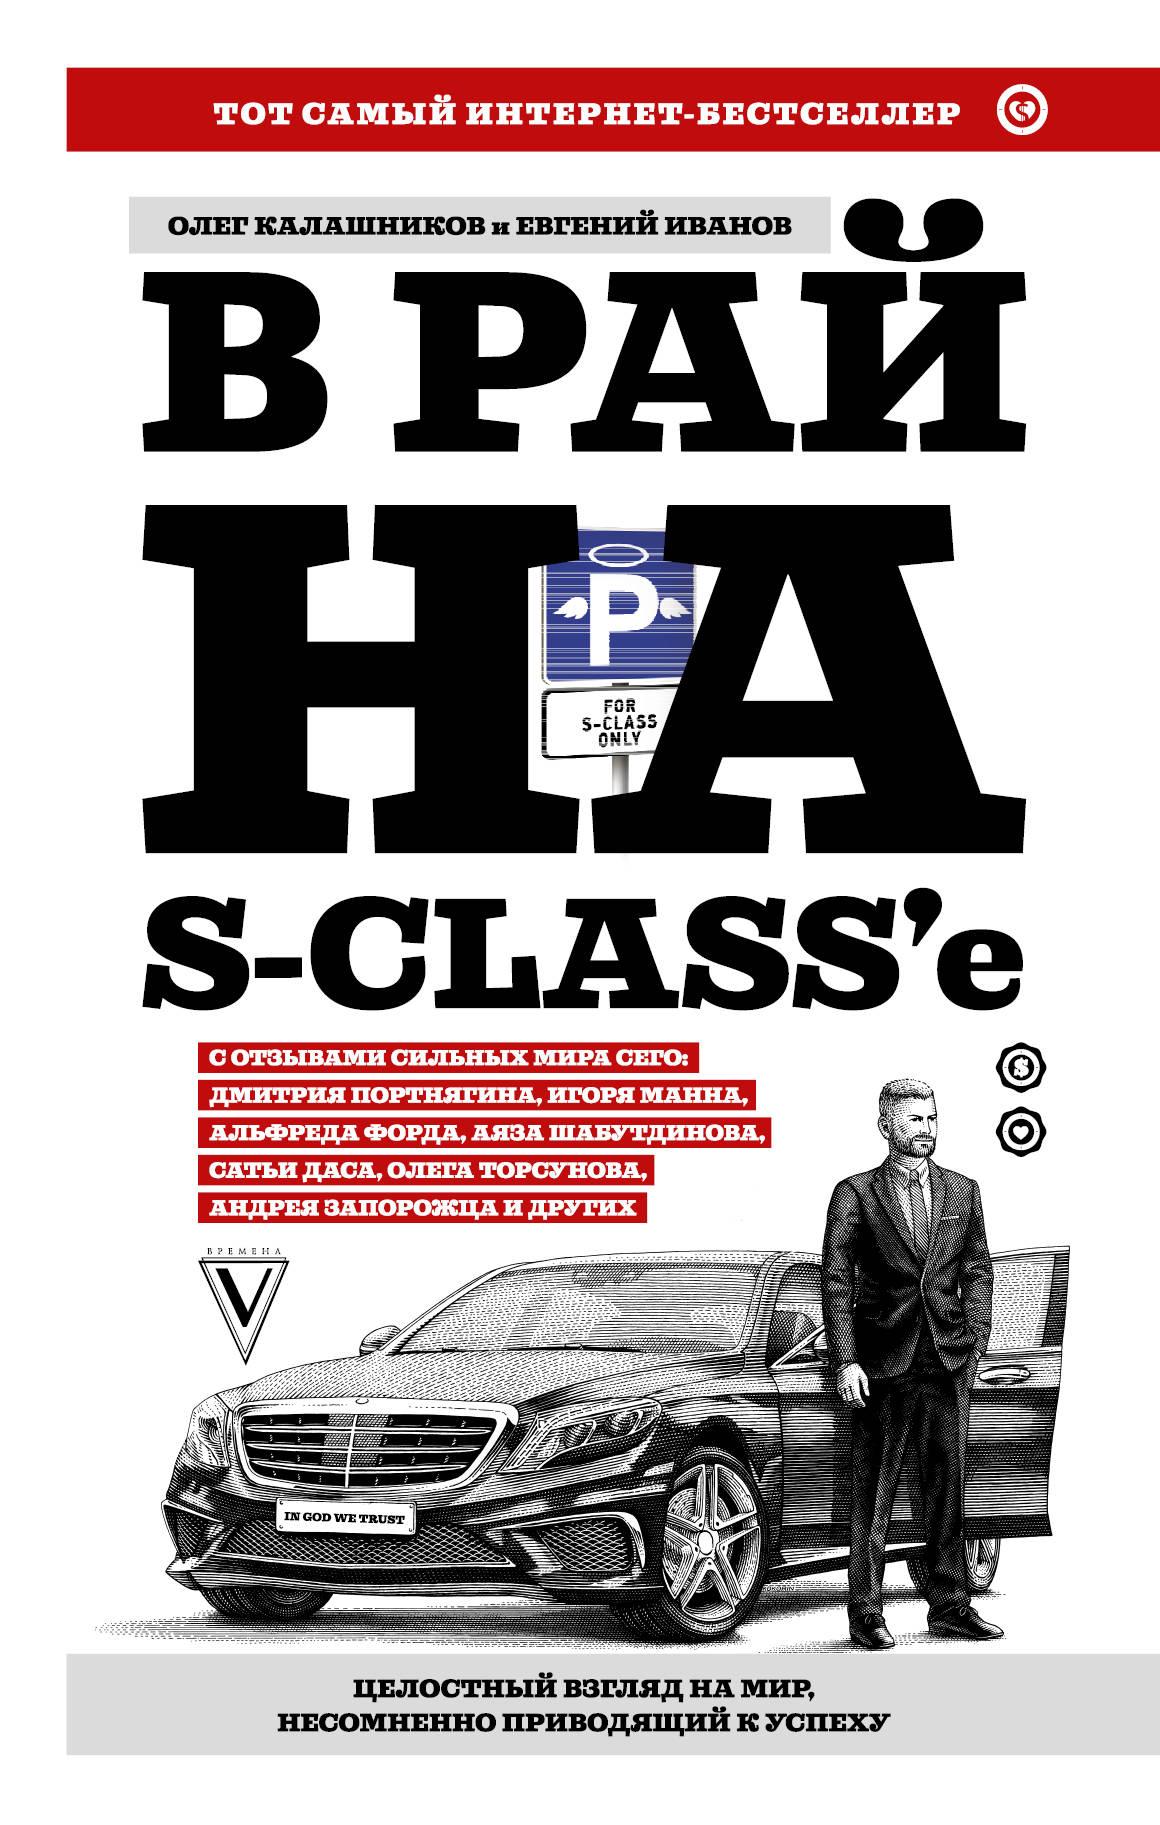 Калашников О.Б., Иванов Е.В. В рай на S-class'е